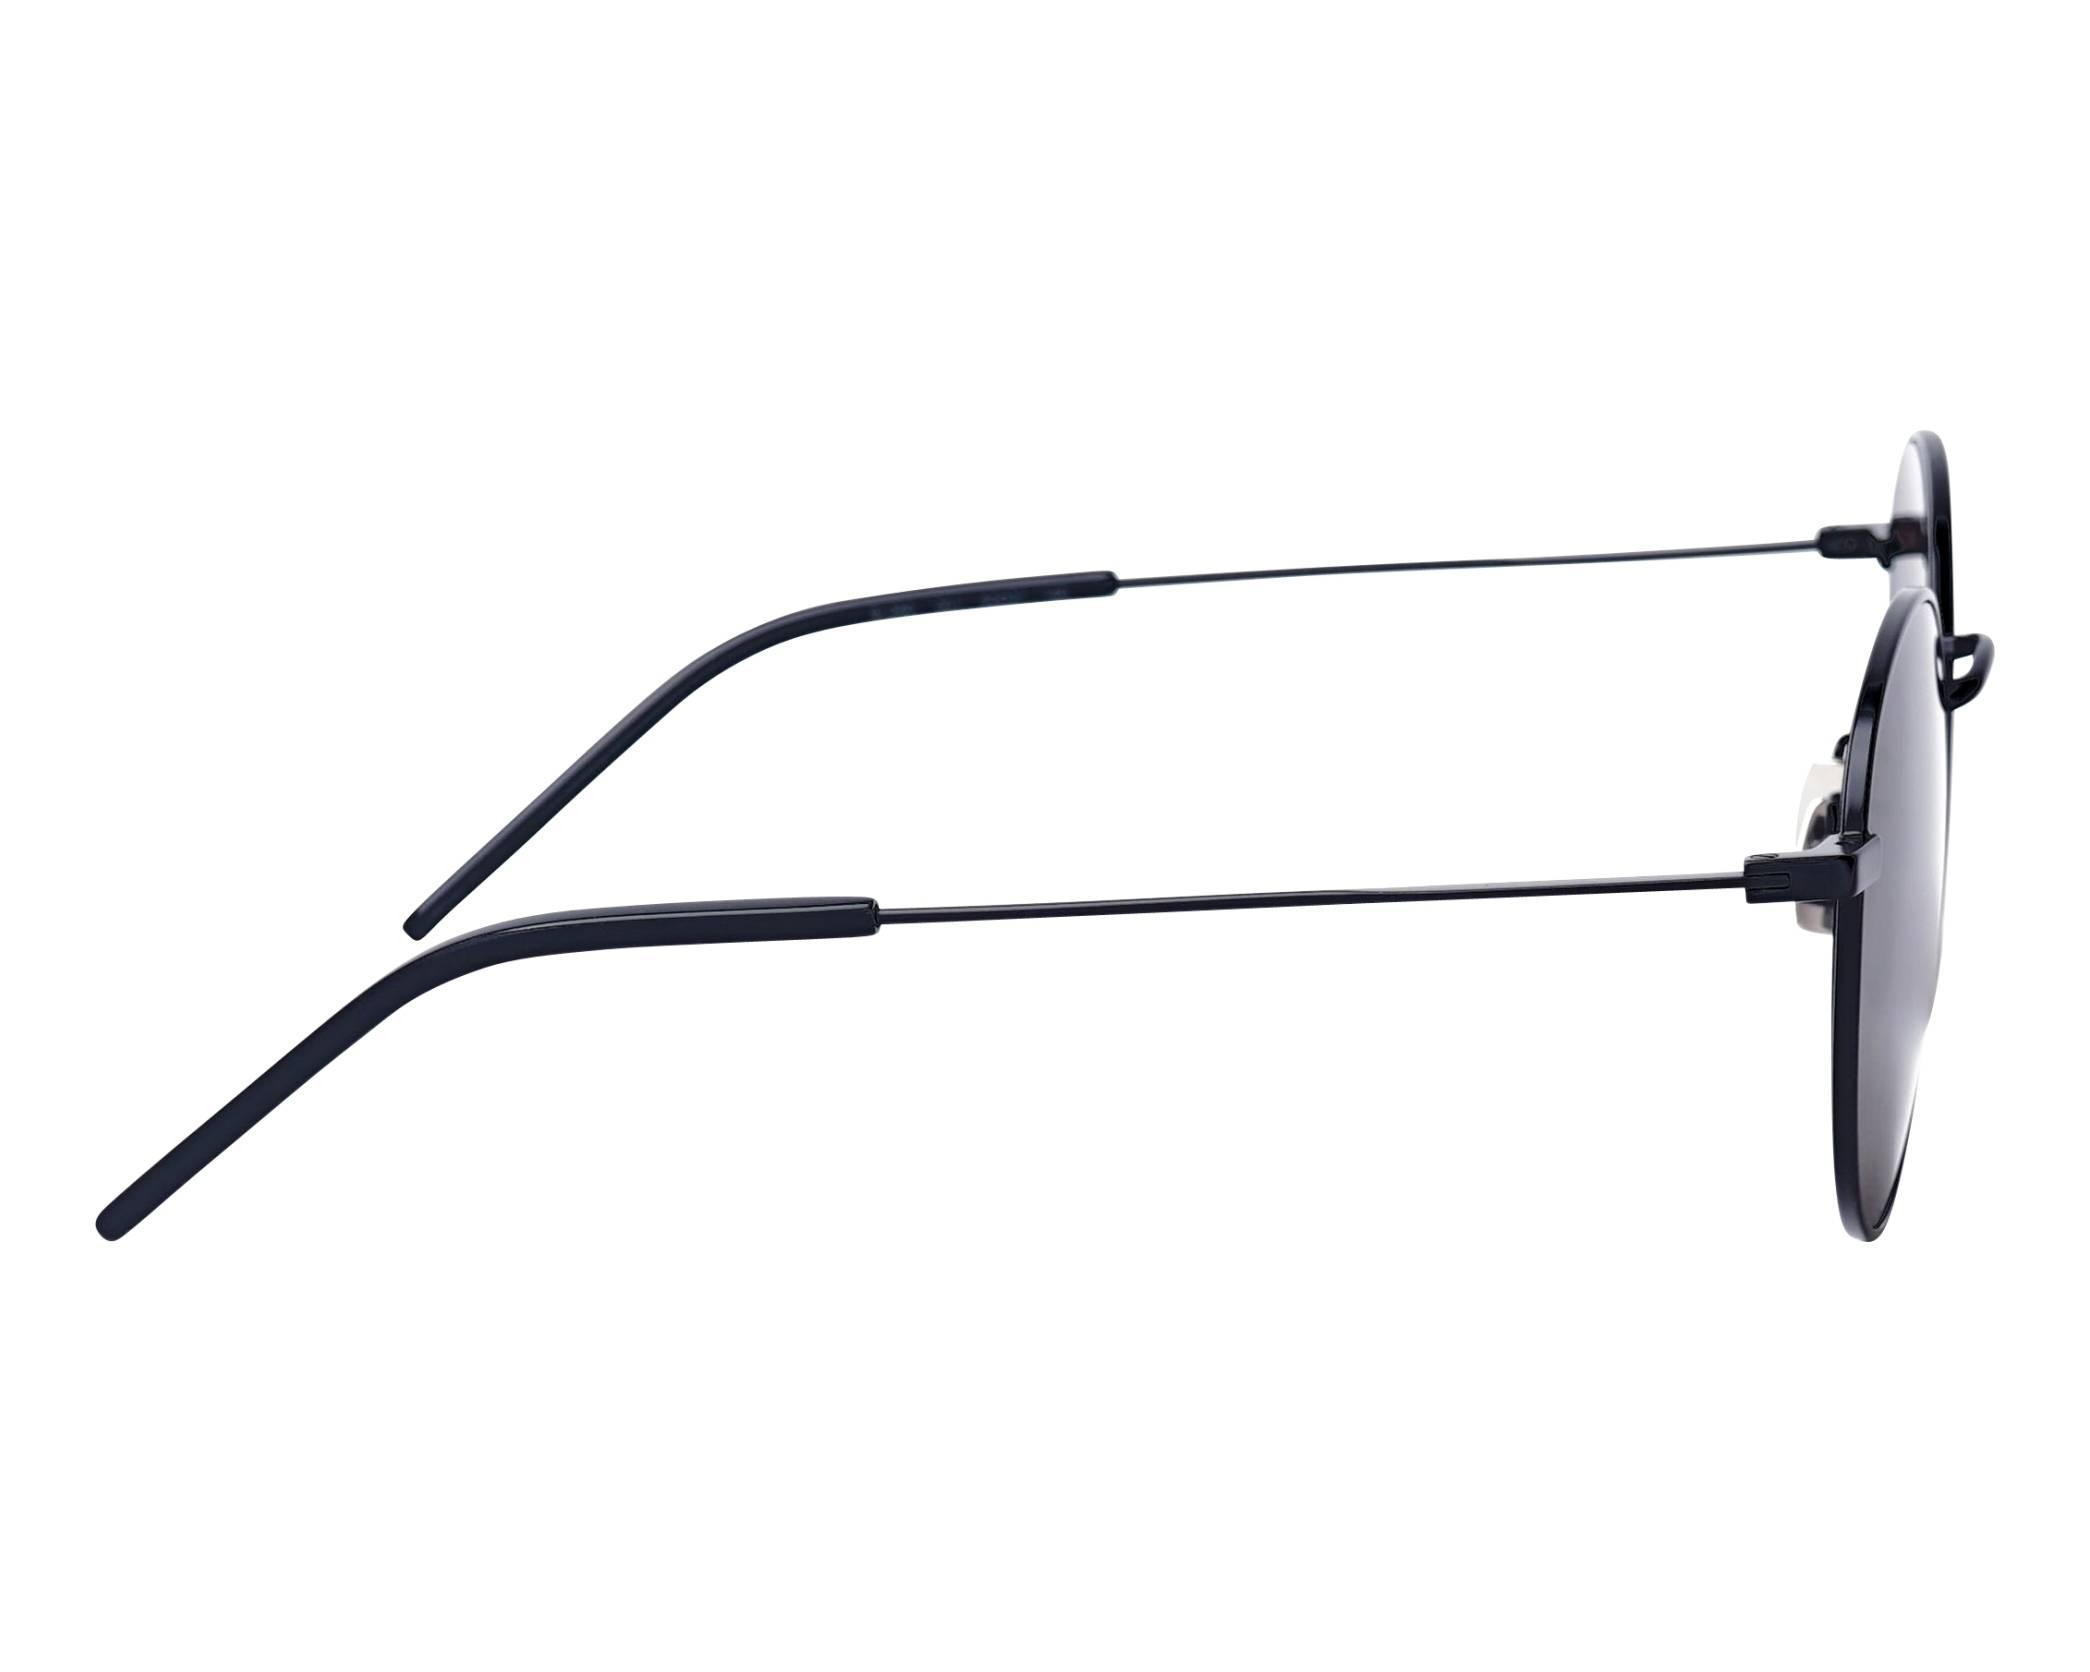 d92746de703 Sunglasses Yves Saint Laurent SL-250 001 52-21 Black side view